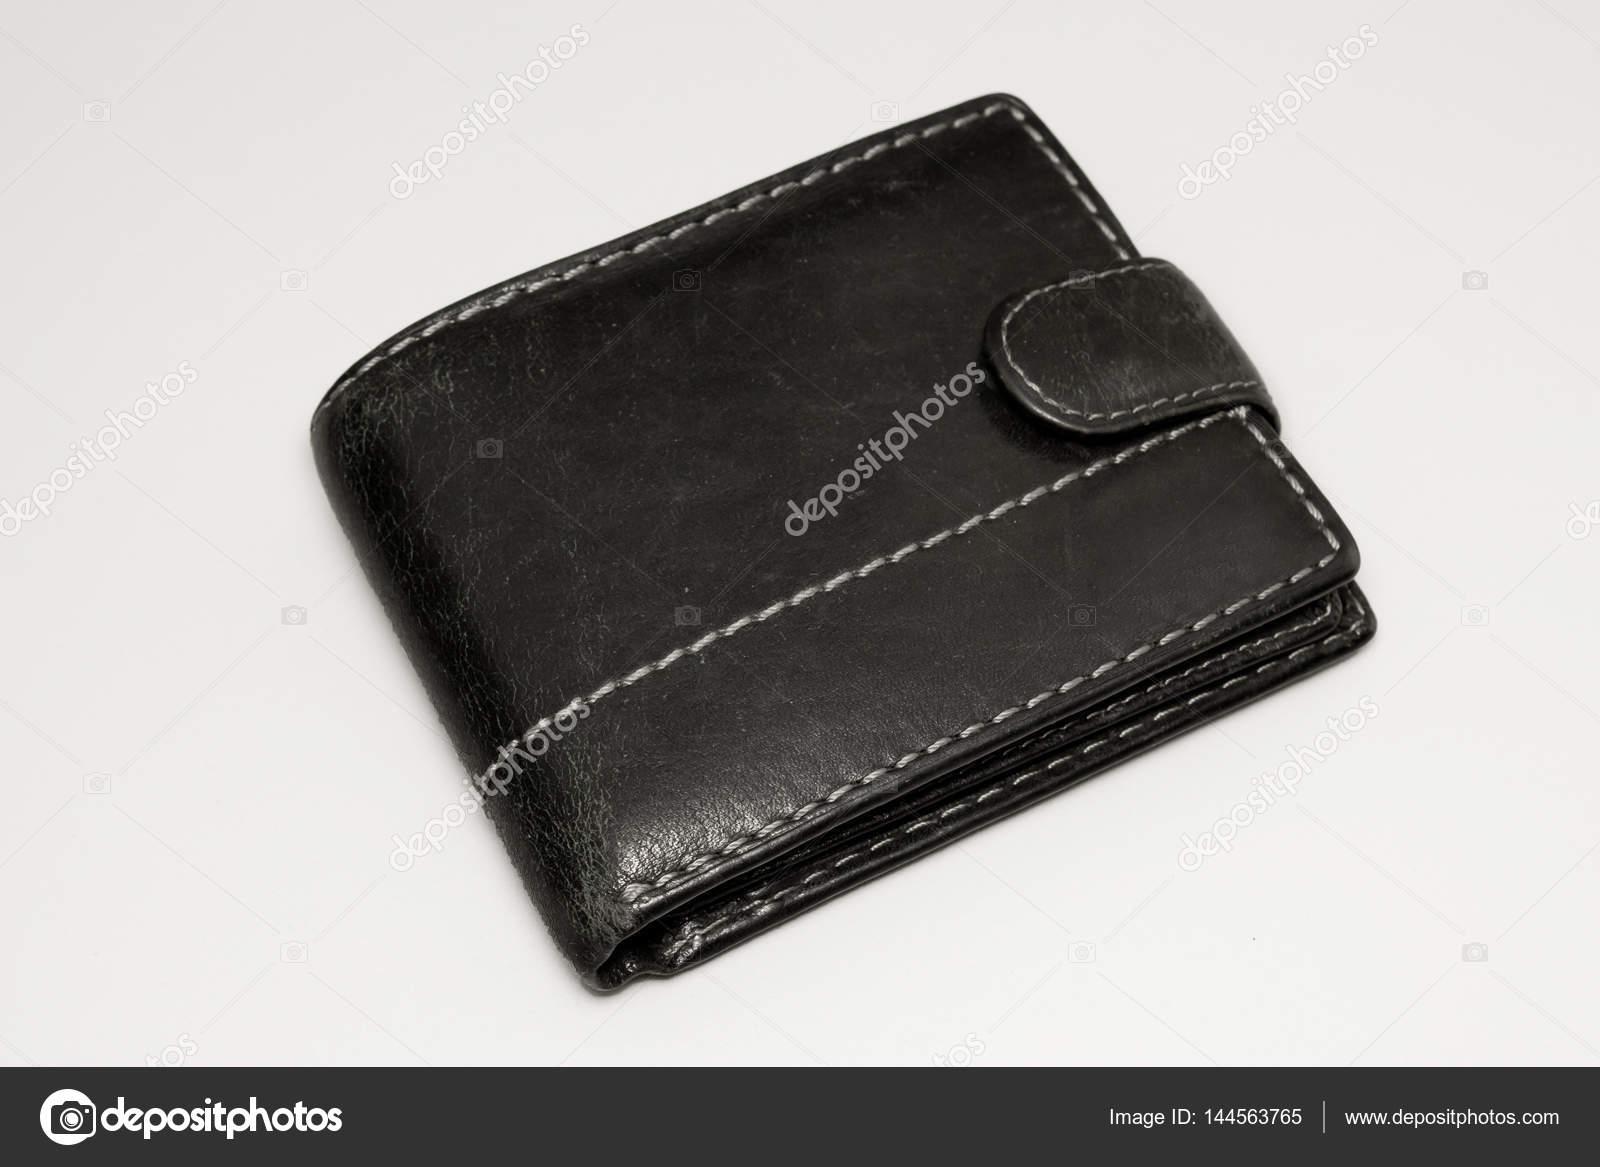 659026955d31 ancien portefeuille sur fond blanc — Photographie kirilllutz ...